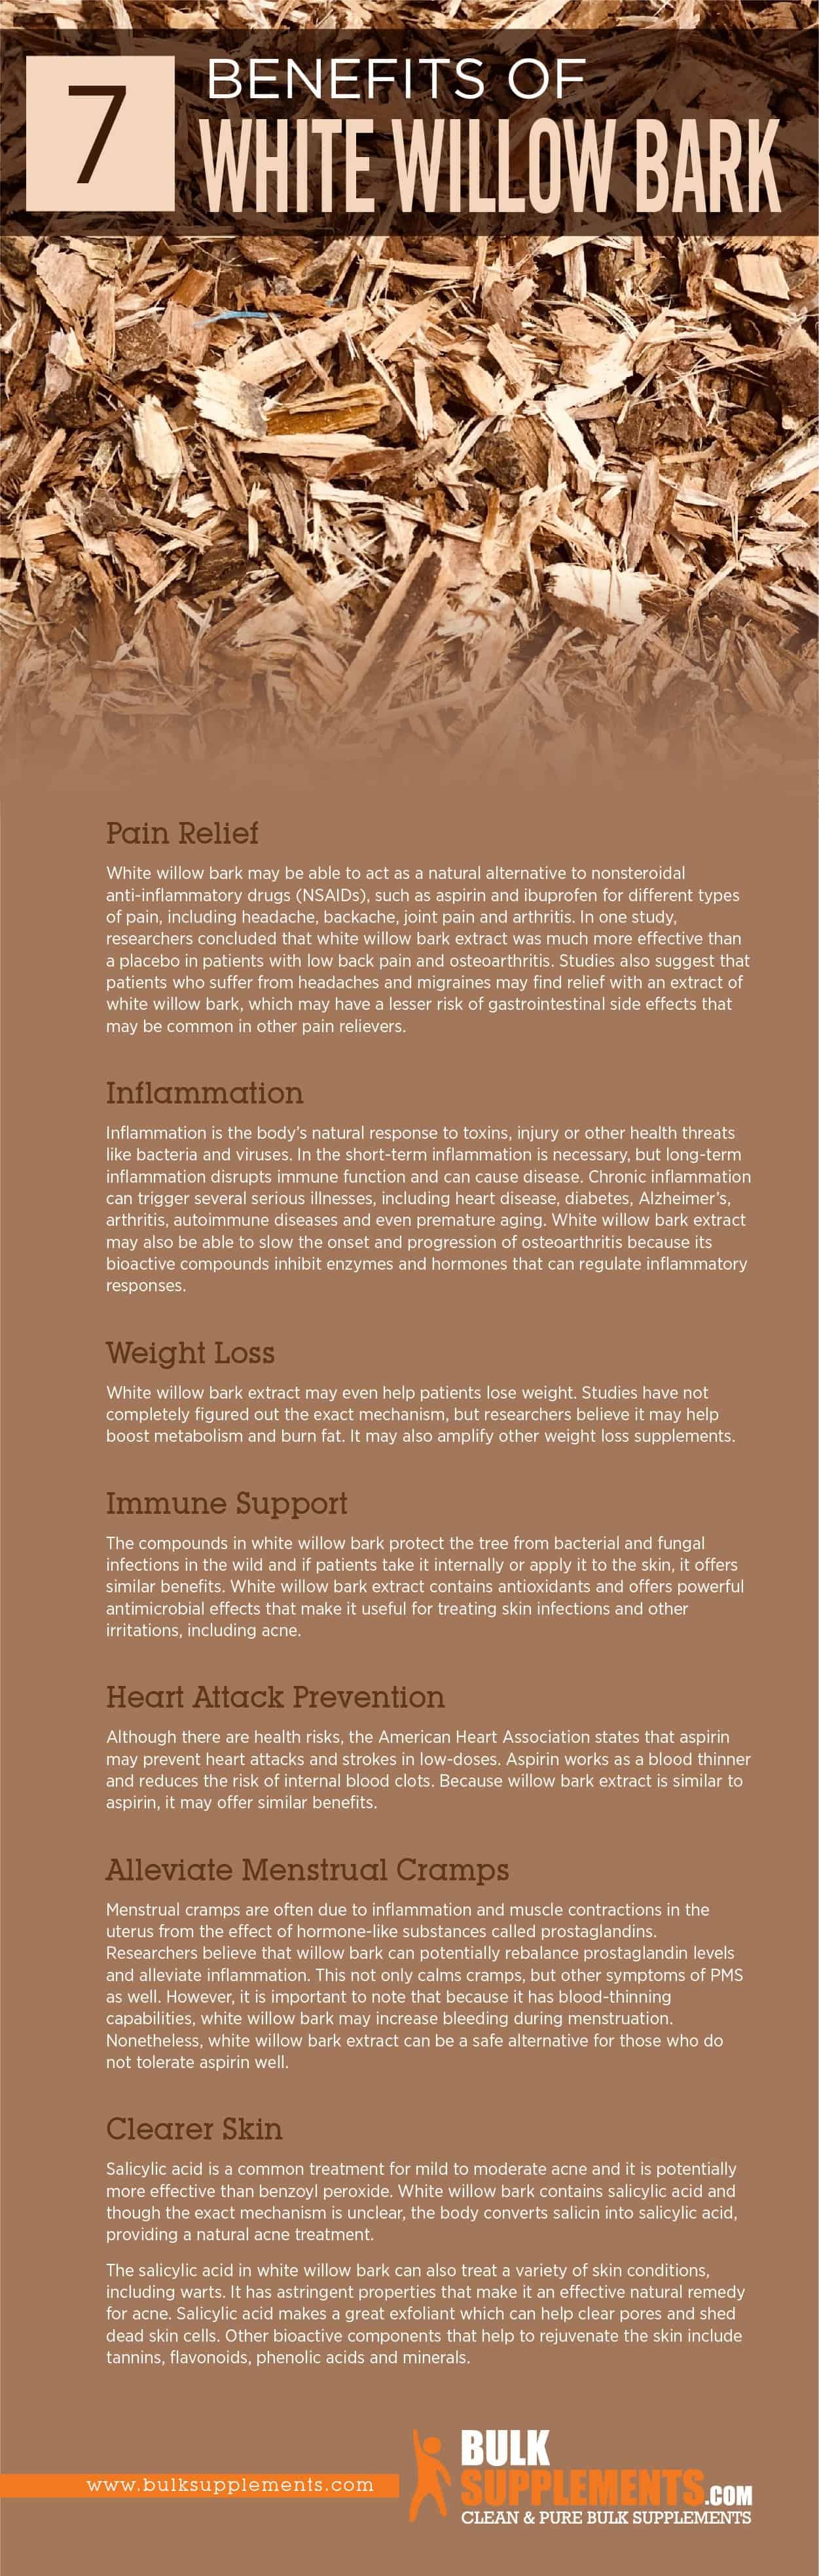 White Willow Bark Benefits